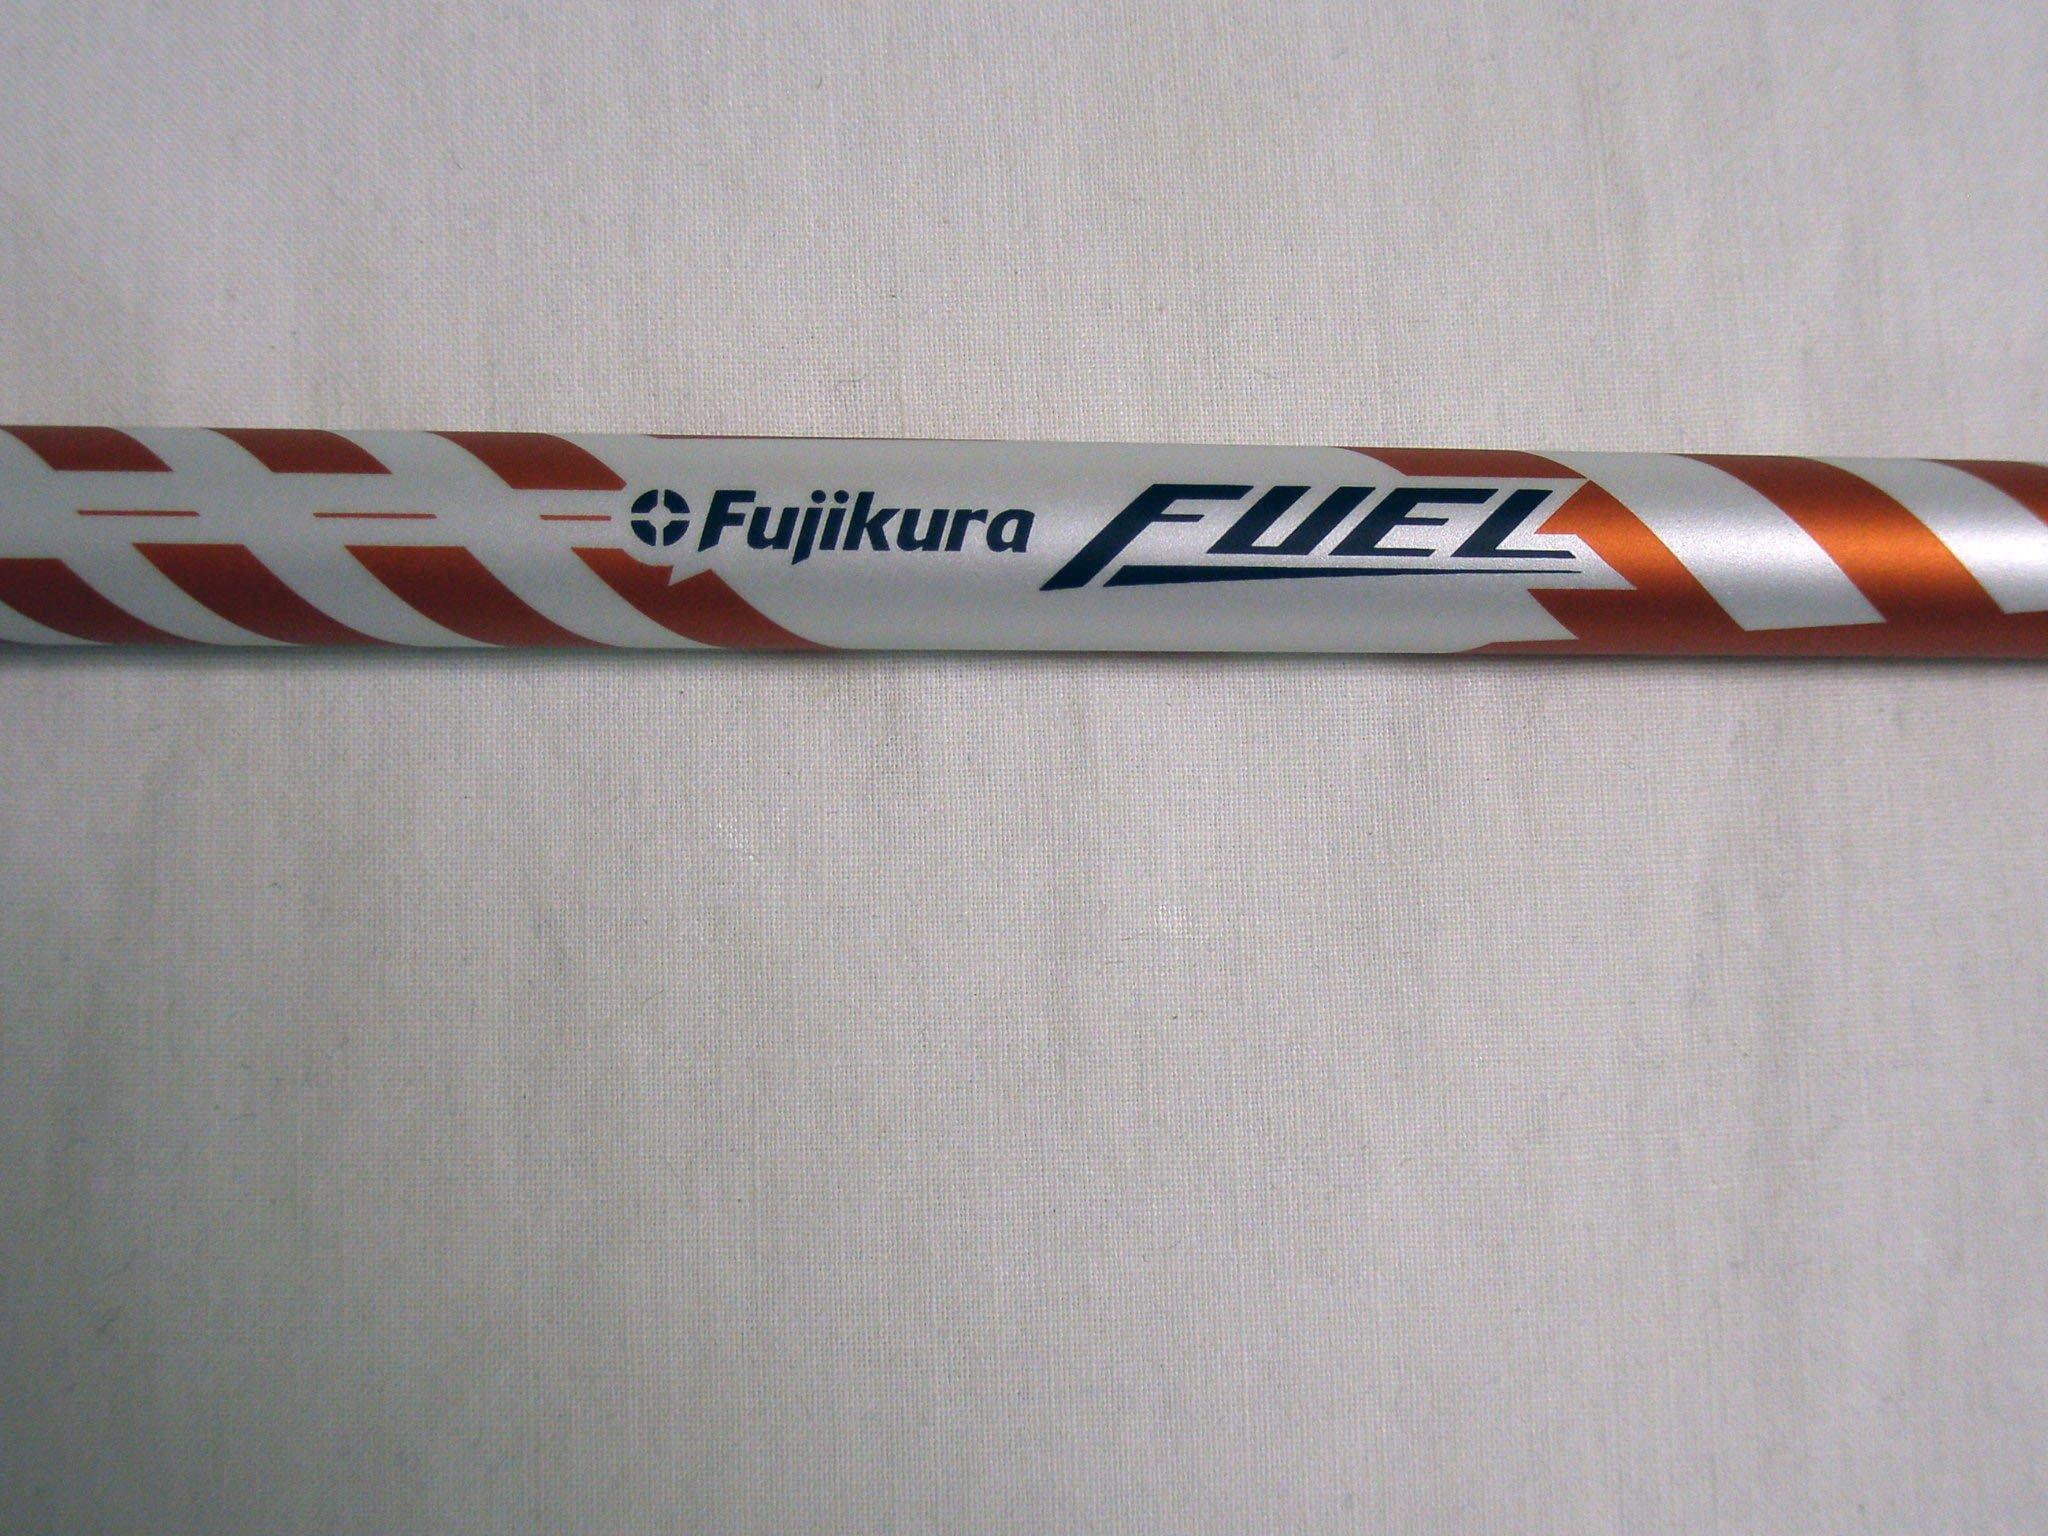 Fujikura Fuel Fairway Wood Shaft (TOUR SPEC 60, STIFF, WHITE, .335'') Golf